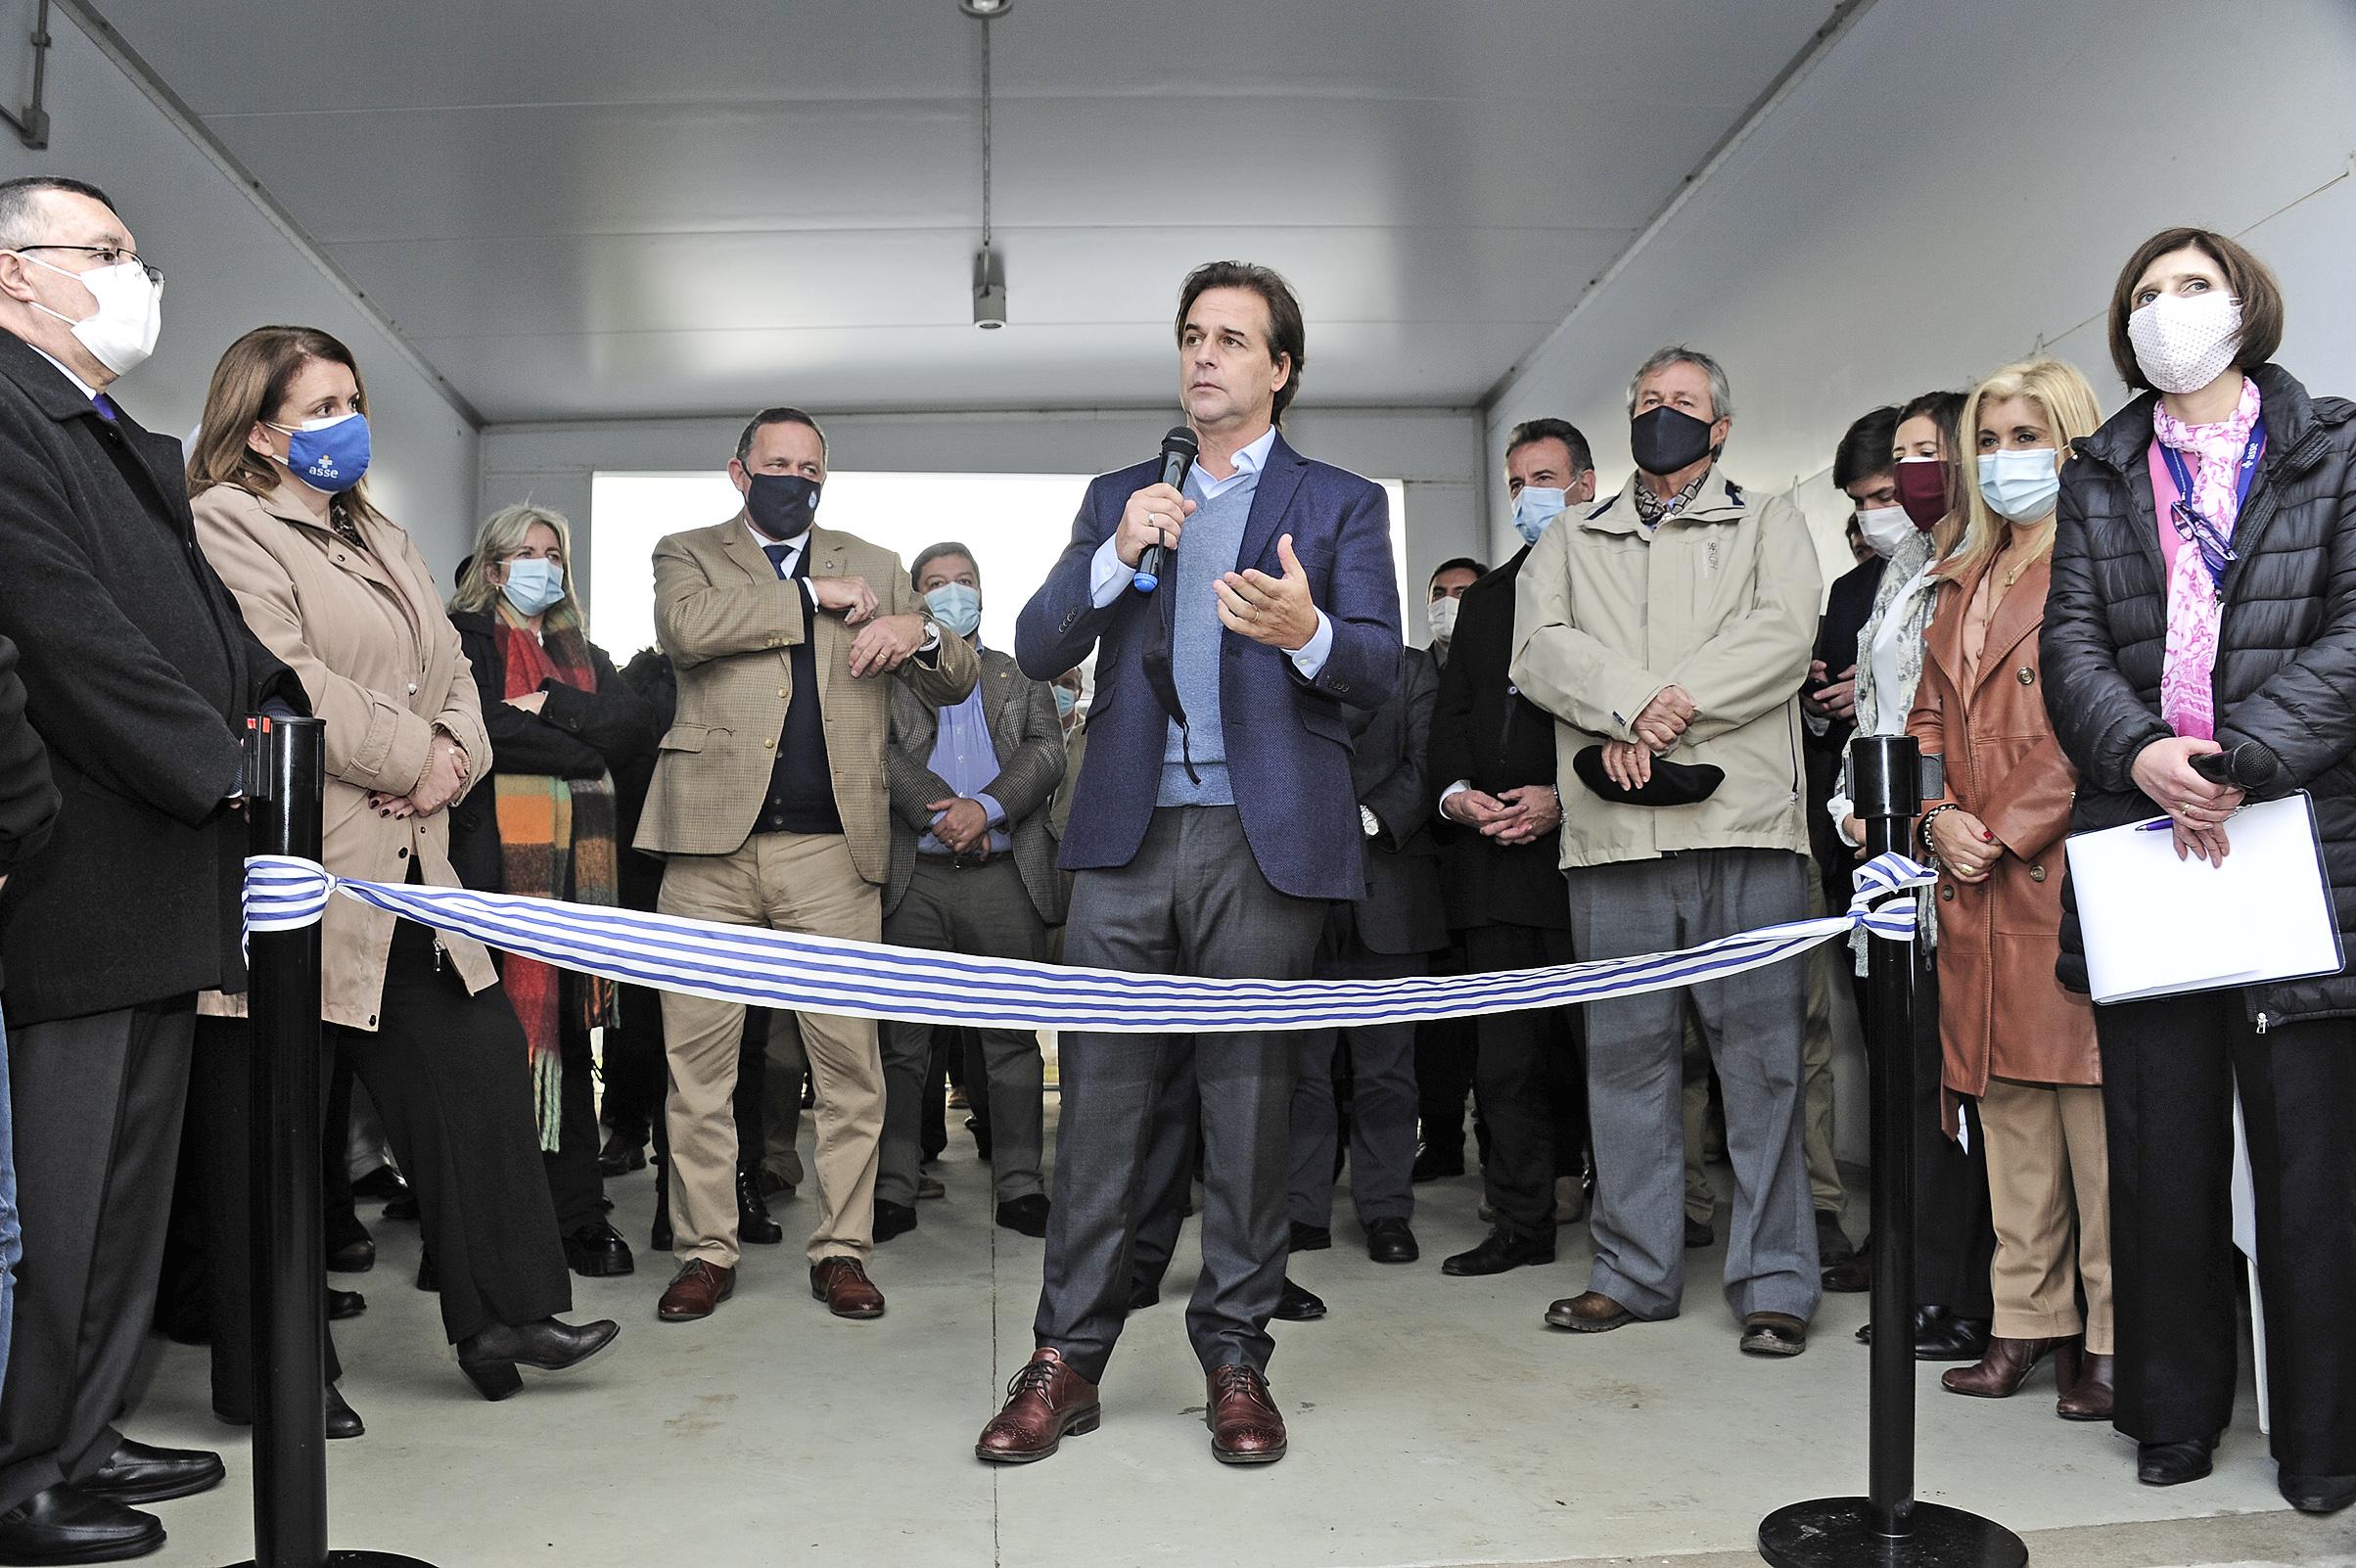 Presidente de la República, Luis Lacalle Pou, en inauguración de policlínica de ASSE en La Capuera, Maldonado